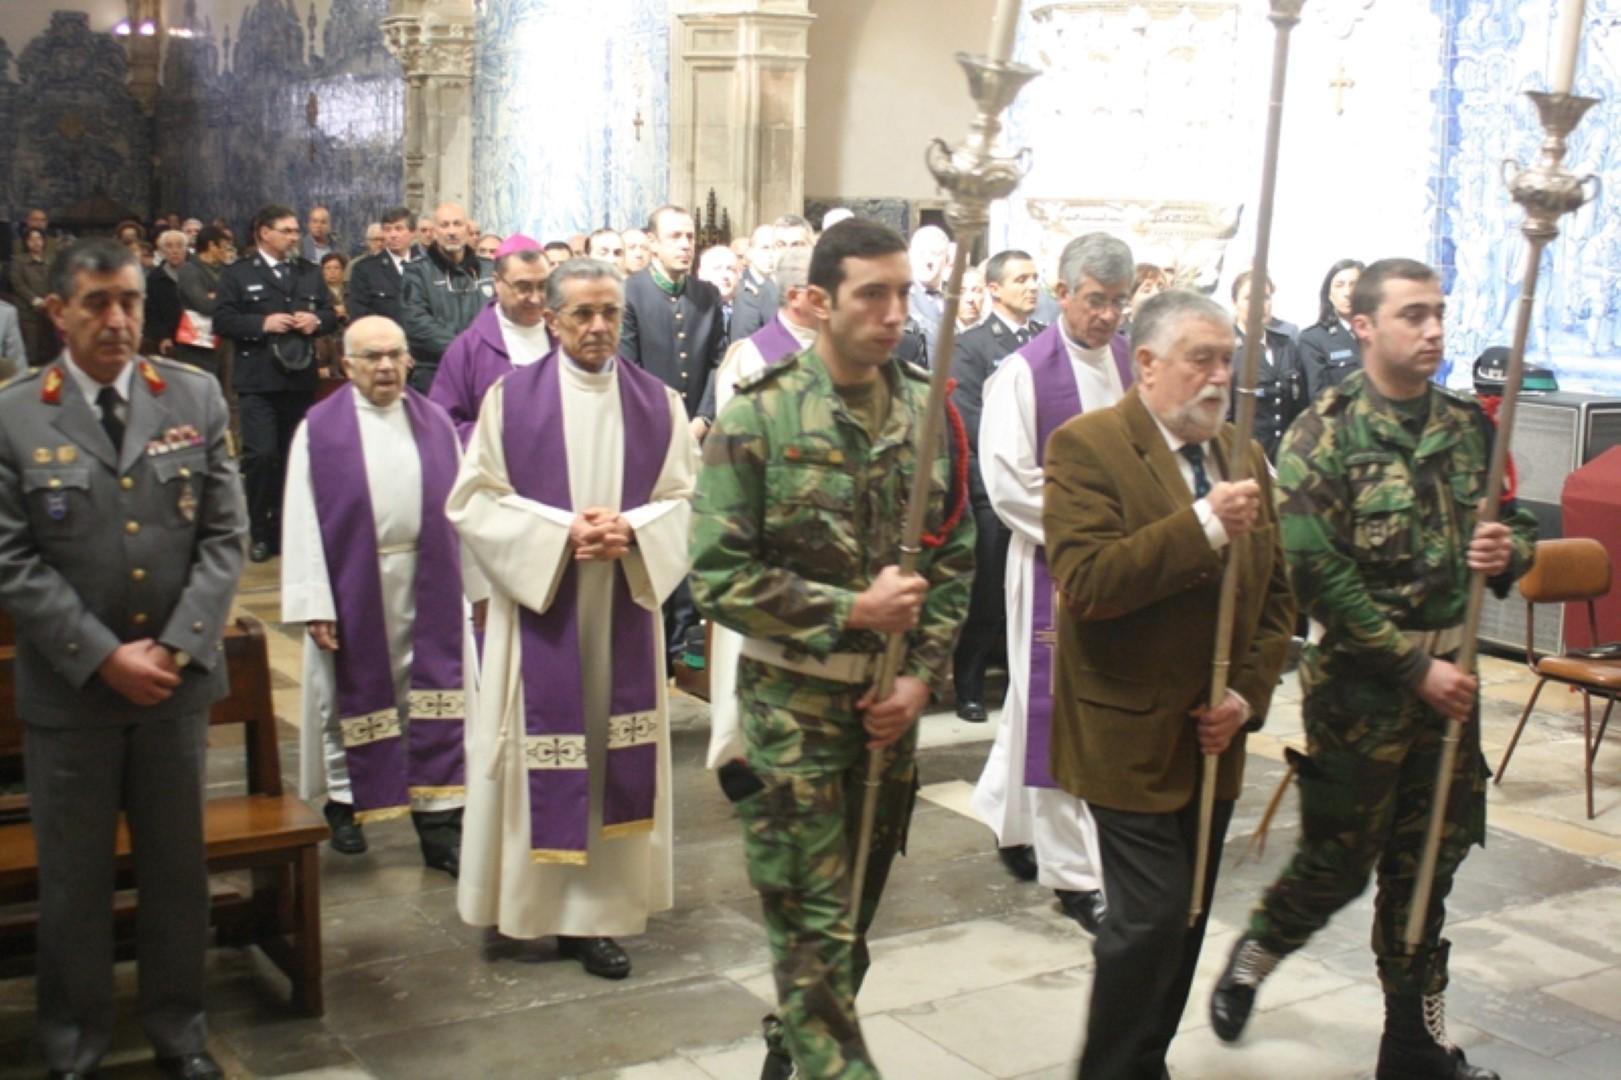 Na Igreja de Sta Cruz_Coimbra_Celebração Pascal na Brigada de Intervencao